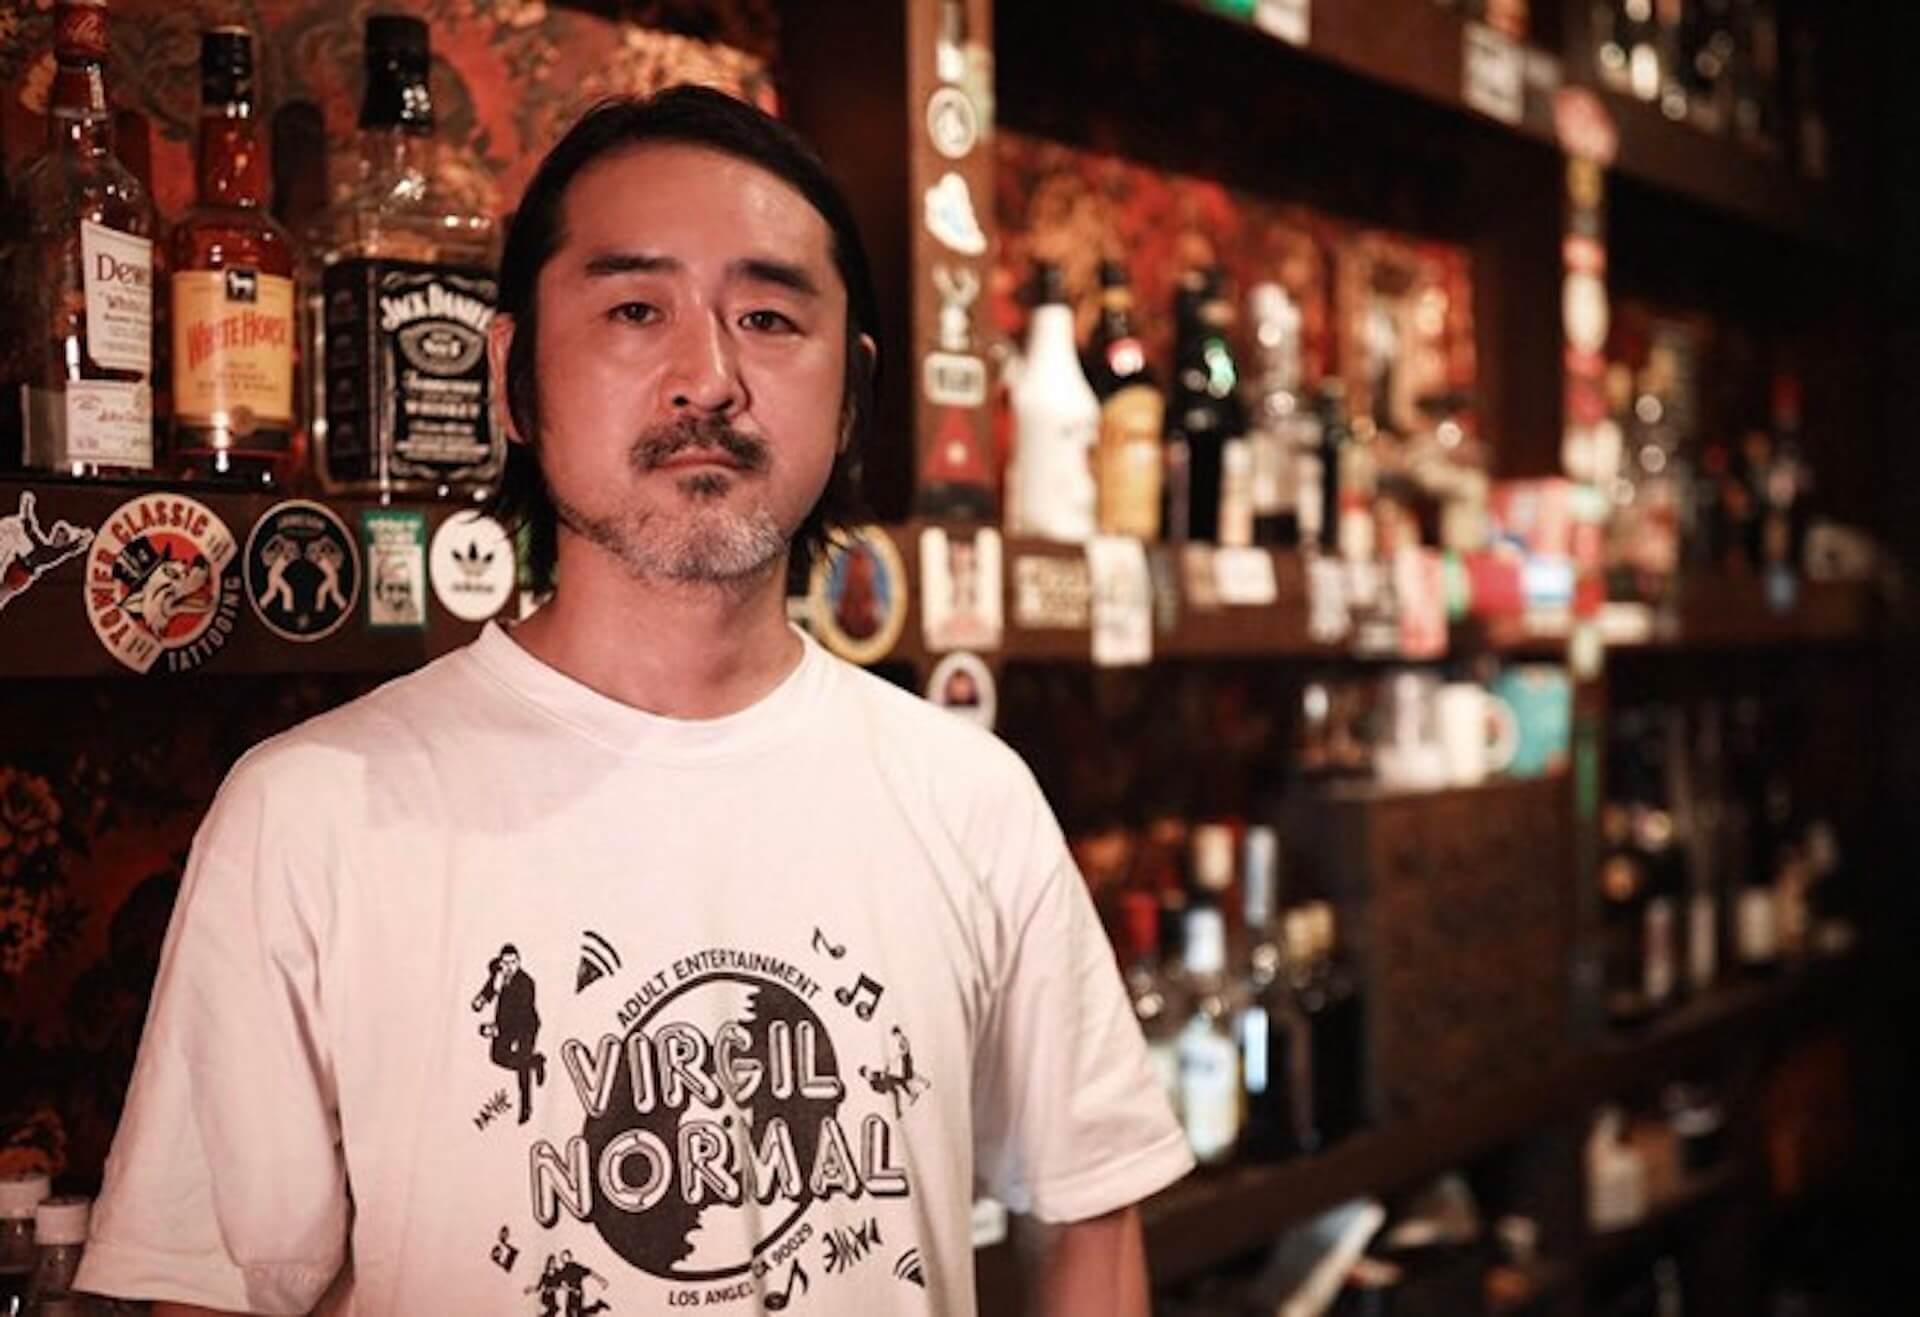 渋谷・Beatcafe存続のためのクラウドファンディングプロジェクトが公開!オンラインDJパーティやアートZINEなど様々な企画も ac200518_beatcafe_kickstarter_02